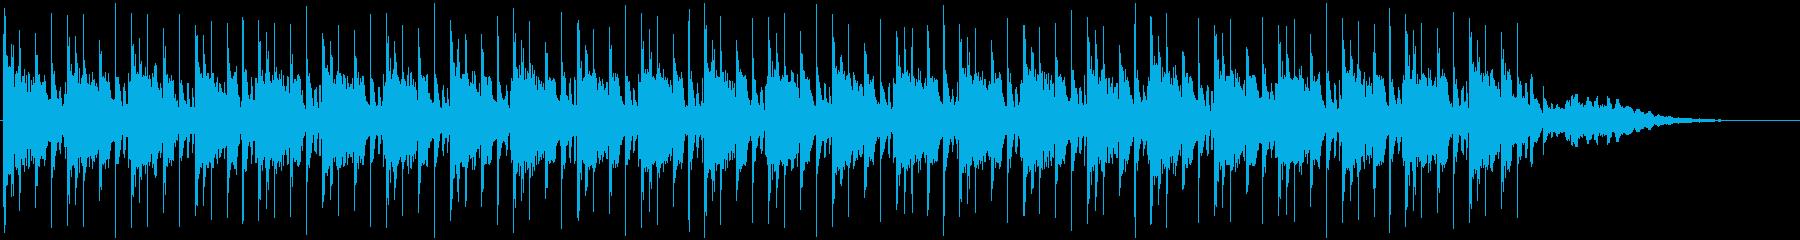 シンプルなブレイクビーツの再生済みの波形